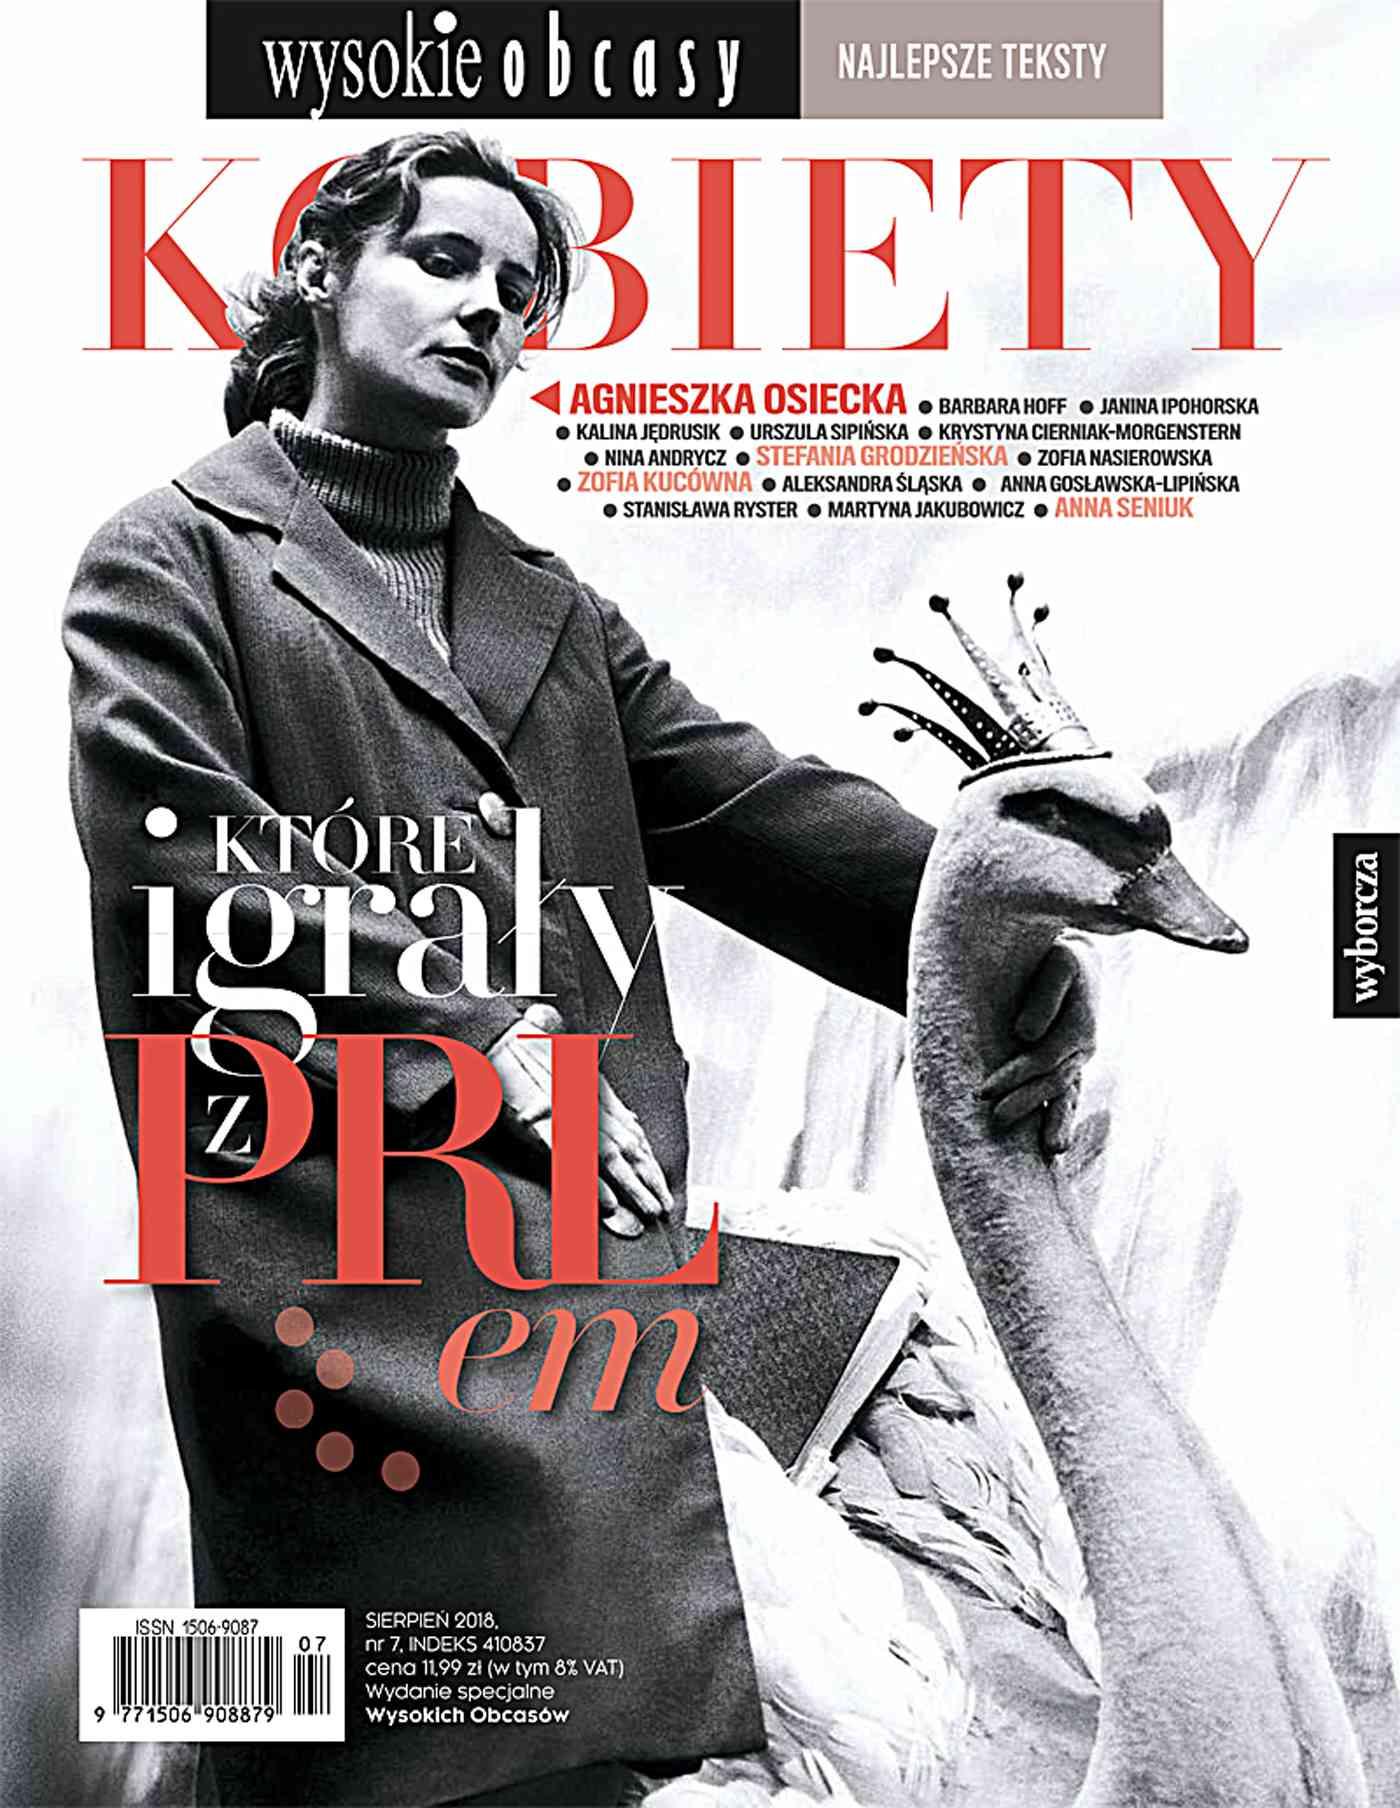 Kobiety, które igrały z PRL-em . Wysokie Obcasy. Wydanie Specjalne 7/2018 - Ebook (Książka na Kindle) do pobrania w formacie MOBI